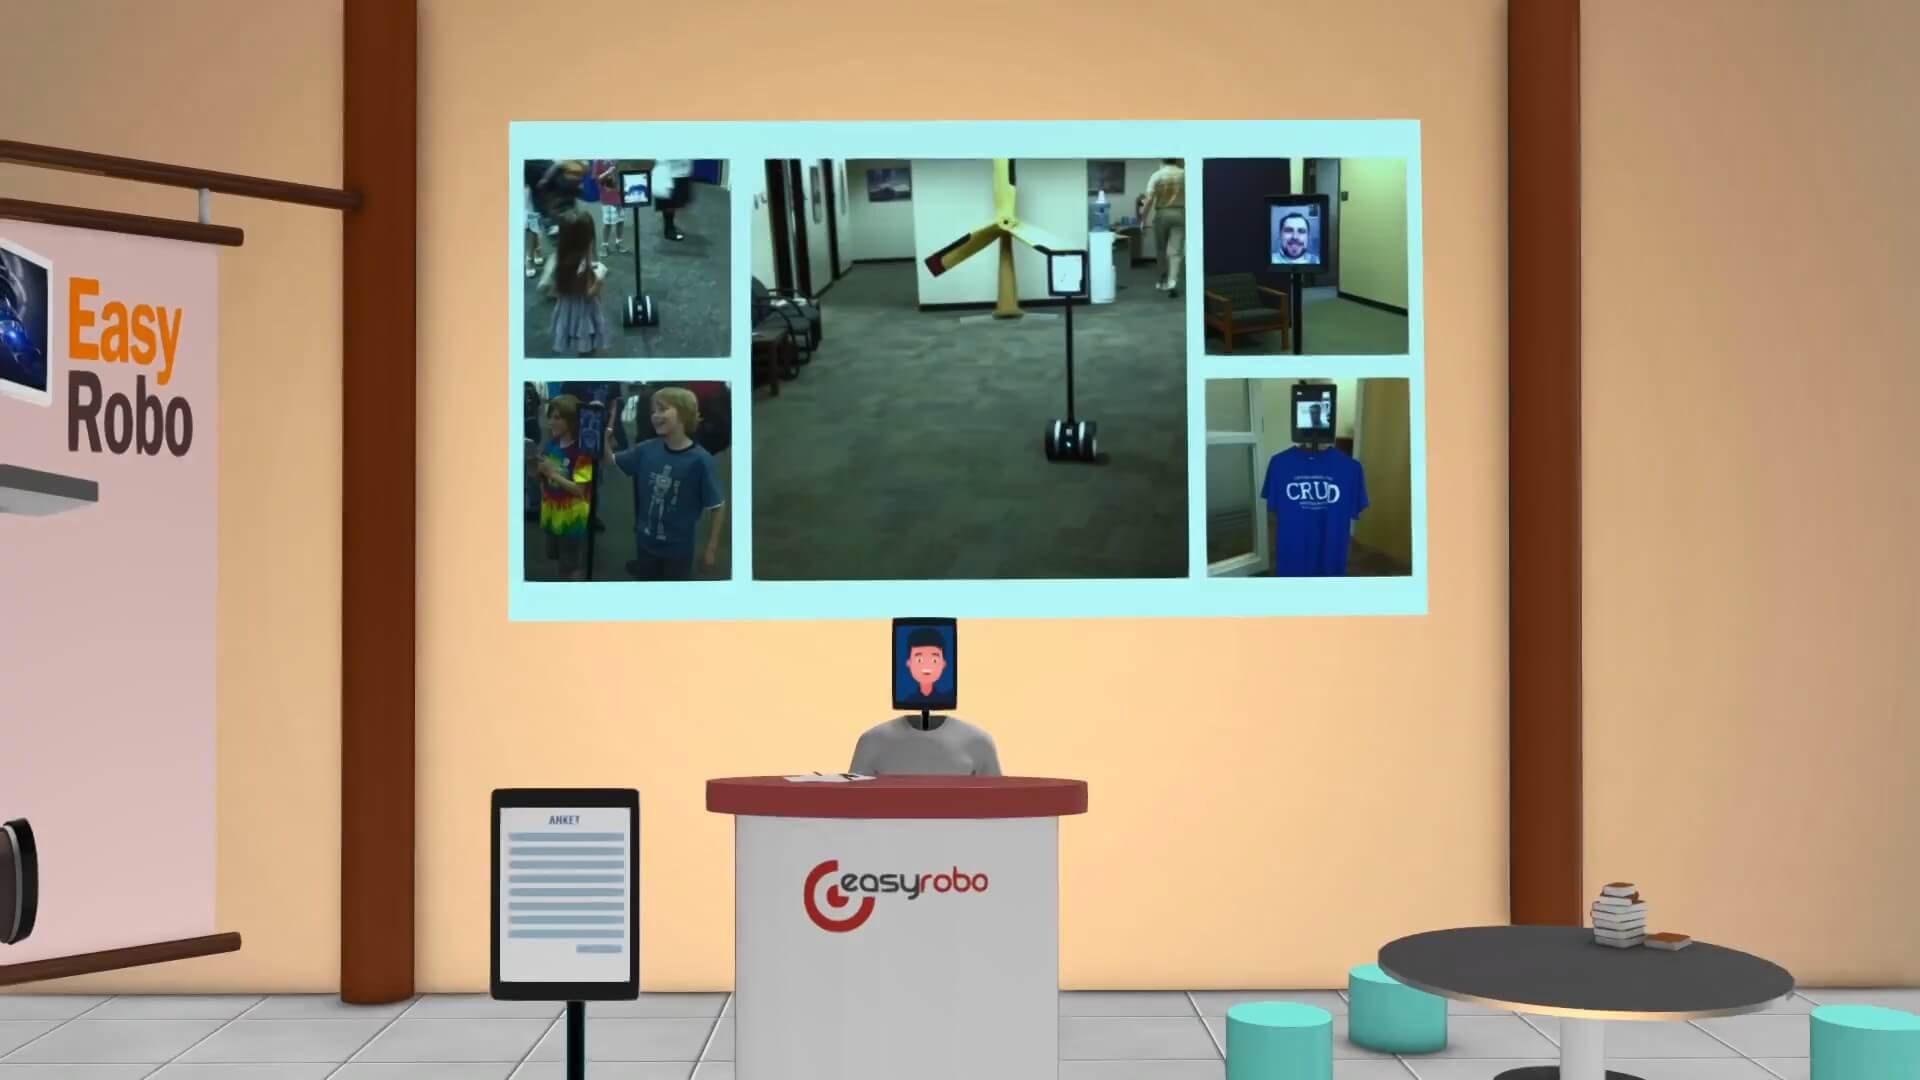 Easy Robo9 1920x1080 - Easy Robo Animasyon Filmi